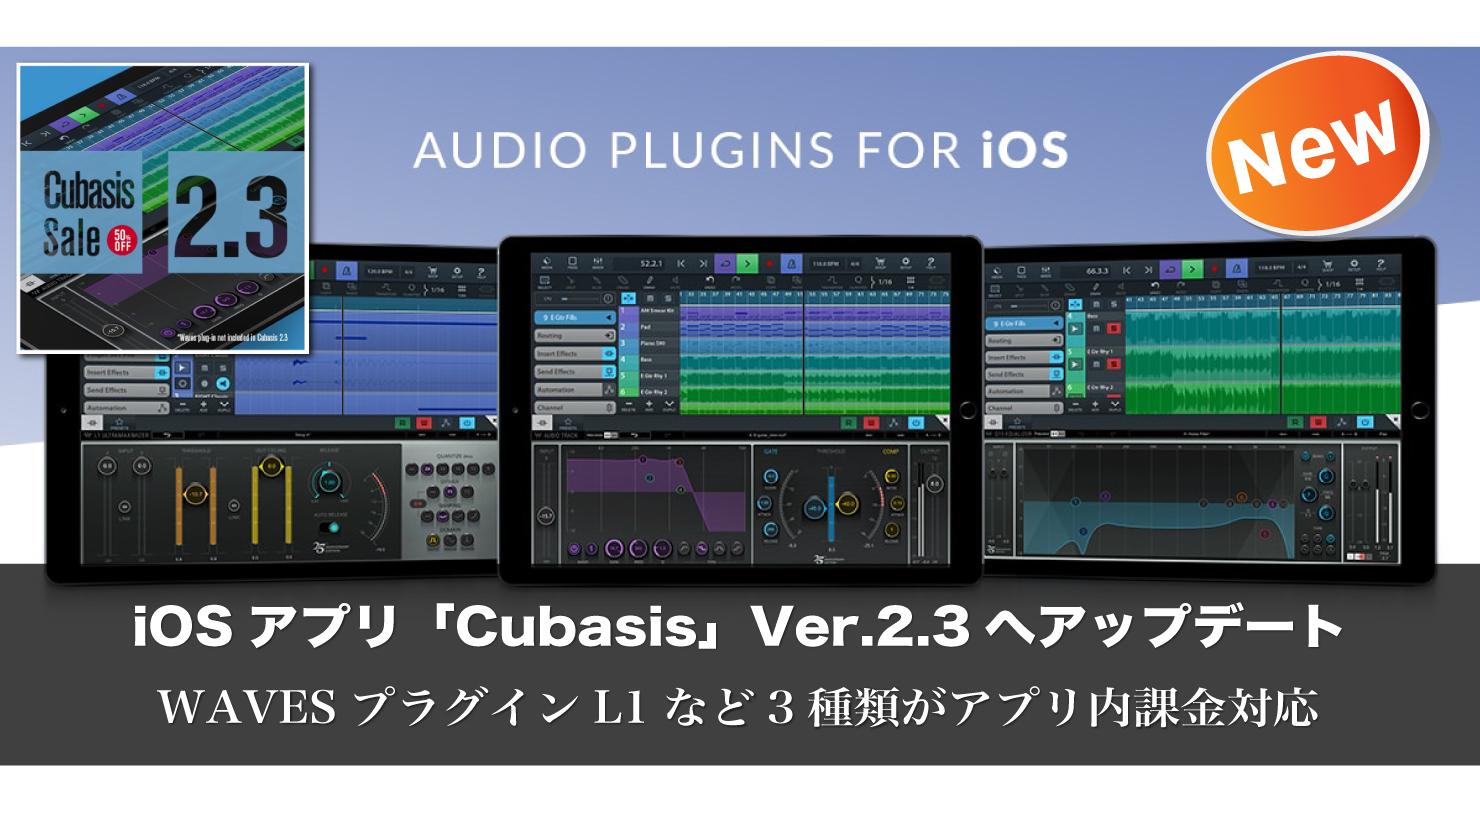 【新着】iOSアプリ「Cubasis ver.2.3」へアップデート「WAVES」のプラグインもiOS対応へ